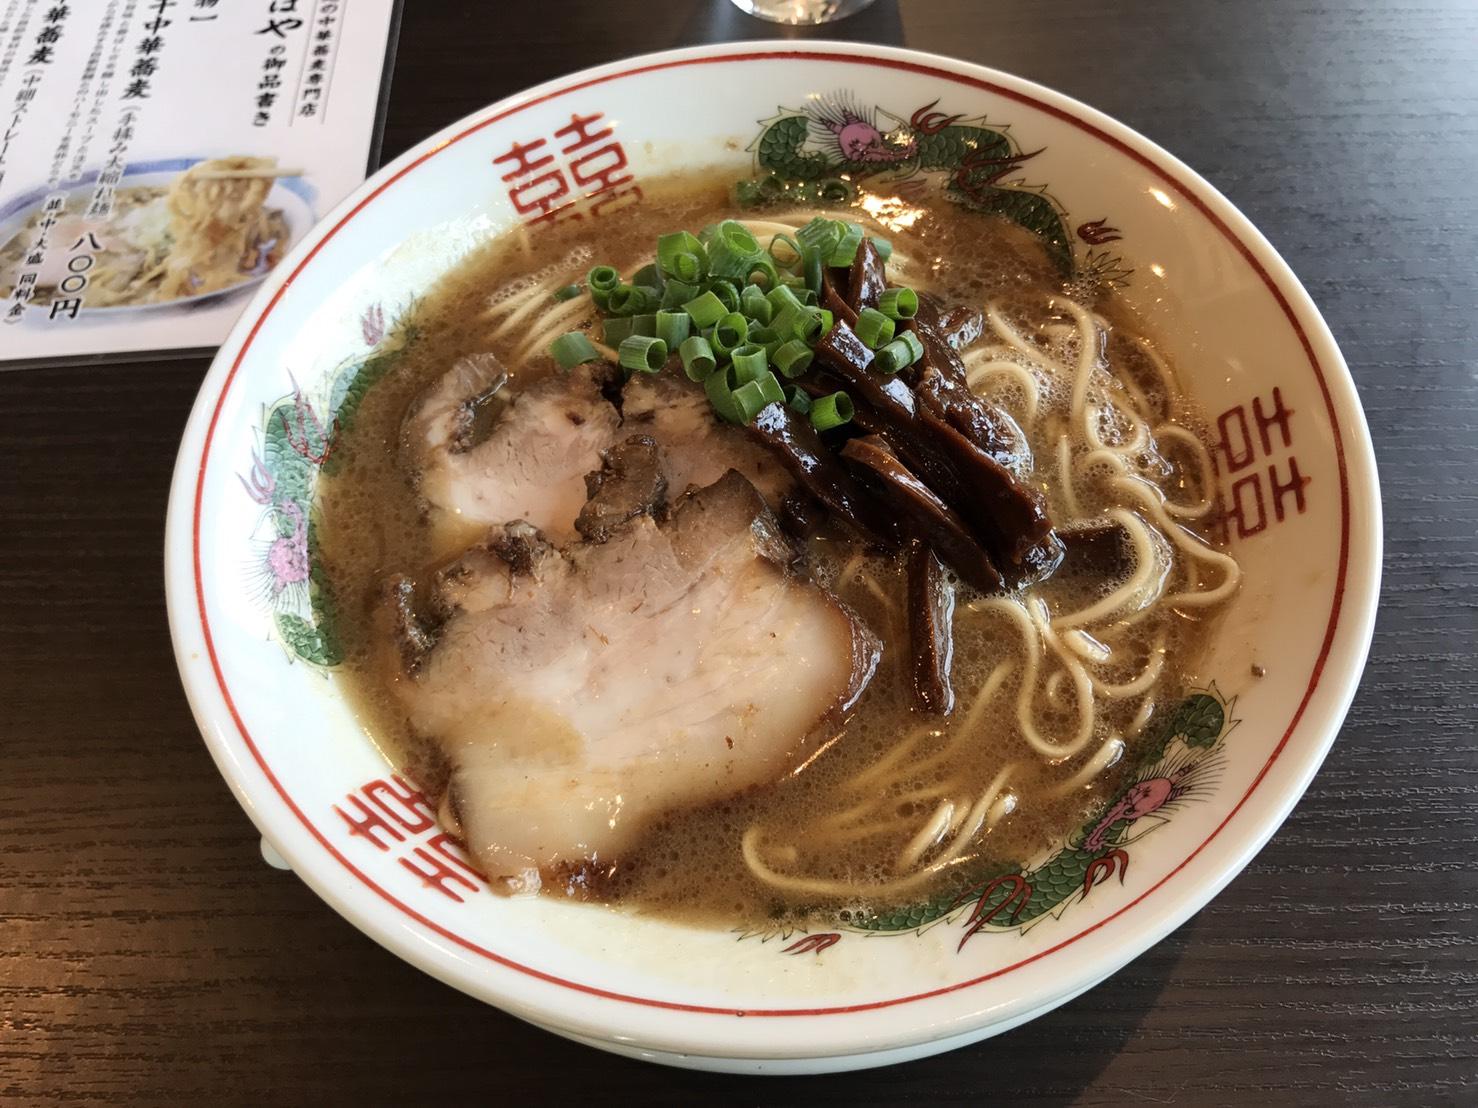 中華蕎麦 こばや (福島市松川町/ラーメン屋)